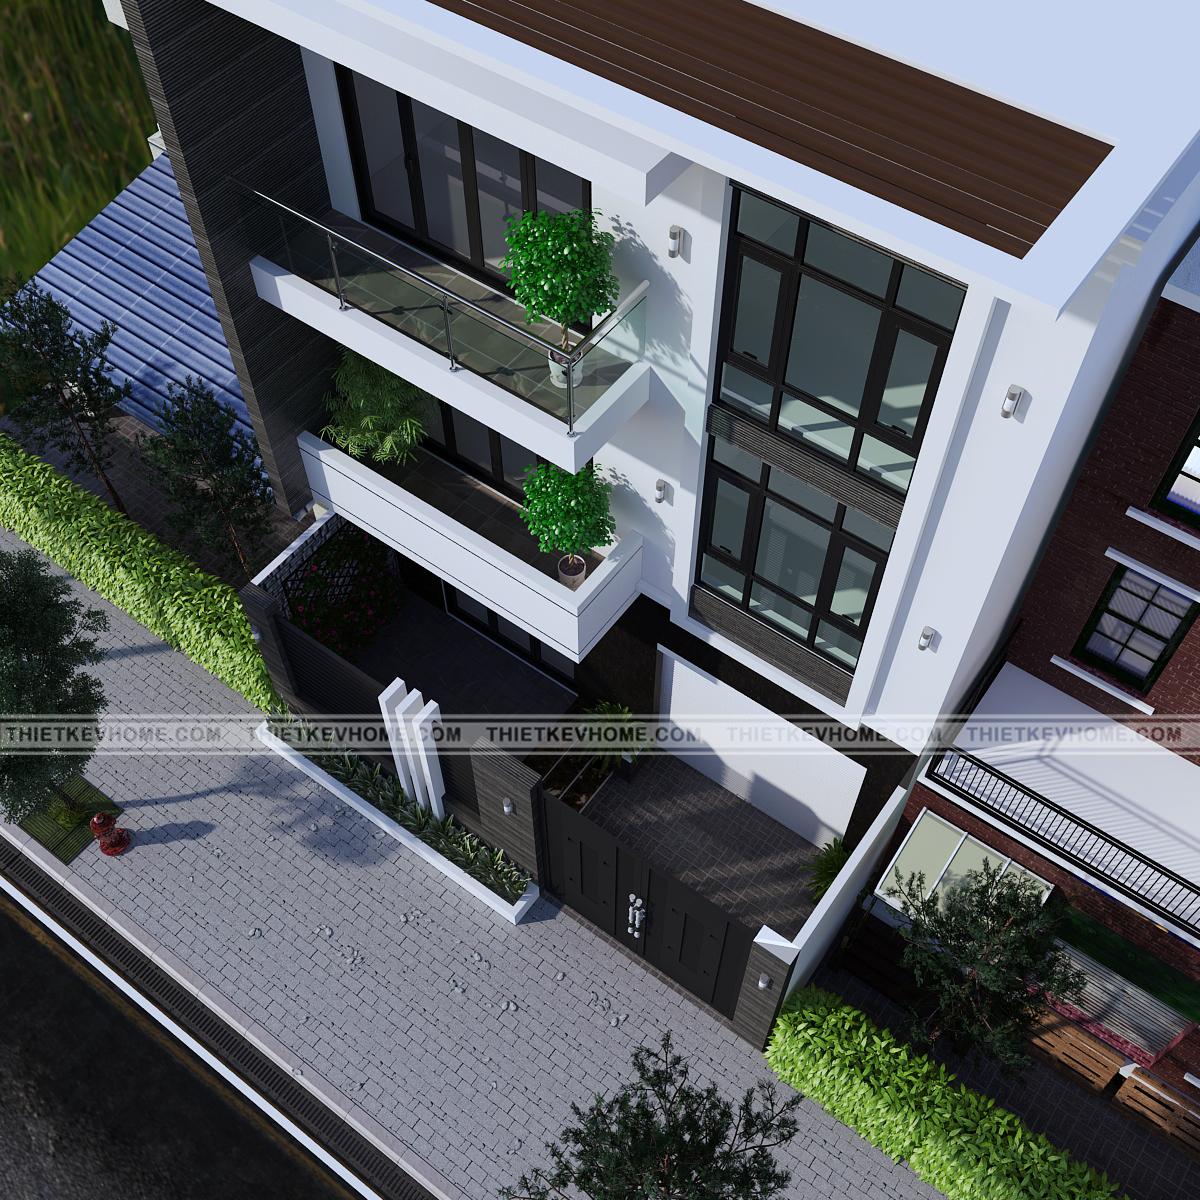 thiết kế kiến trúc nhà phố hải dương – anh hoài Thiết kế kiến trúc nhà phố Hải Dương – anh Hoài thiet ke kien truc nha pho hai duong 4